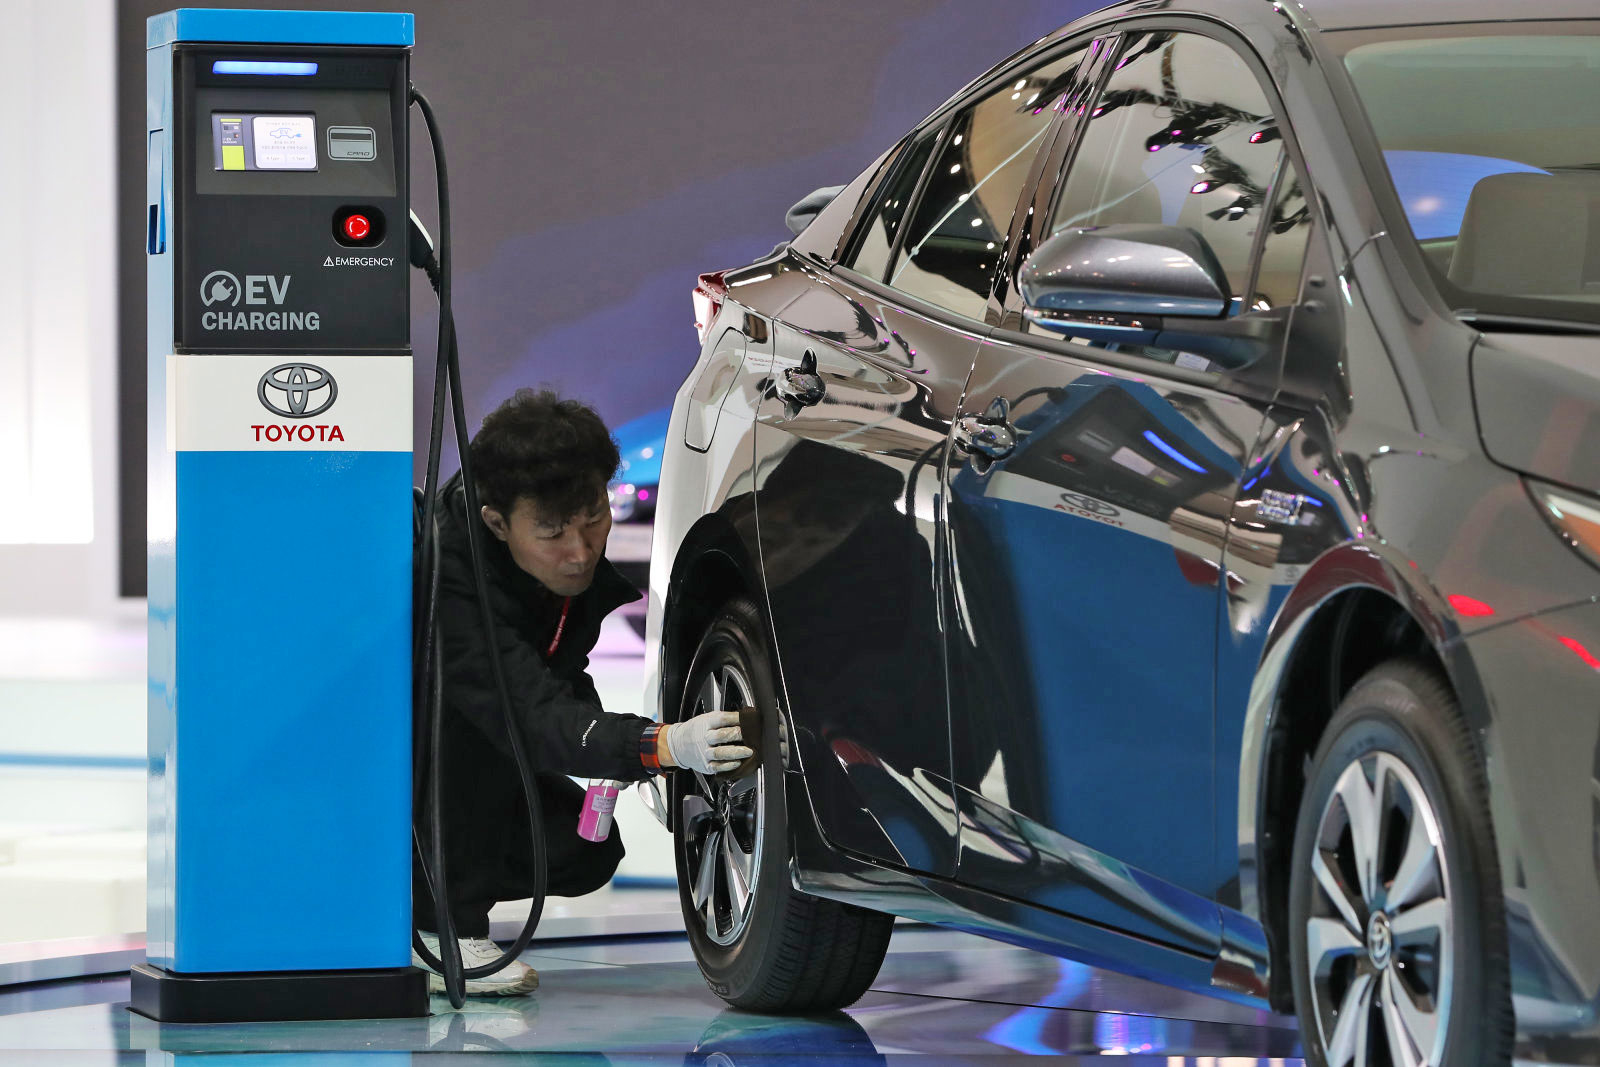 Toyota planea comenzar a vender vehículos eléctricos en China en 2020. Después de quedarse con los híbridos y el hidrógeno, se está volviendo grande en electricidad.